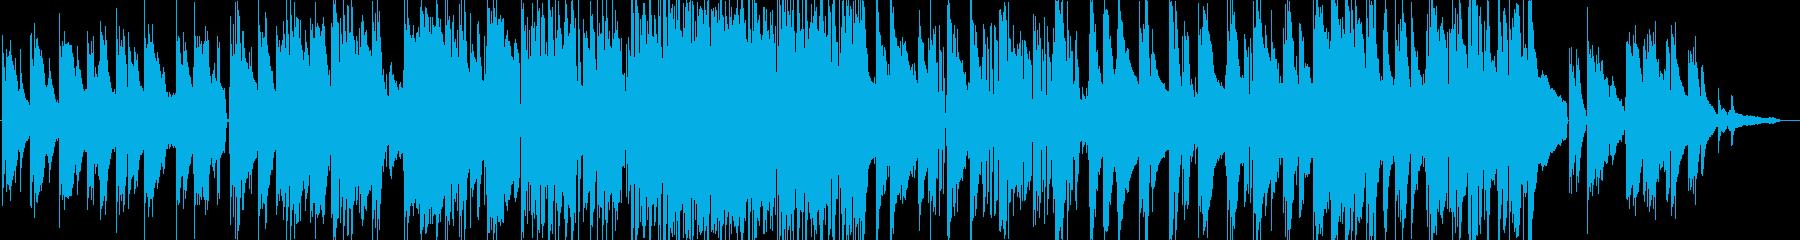 しっとりとしたピアノトリオのバラードの再生済みの波形